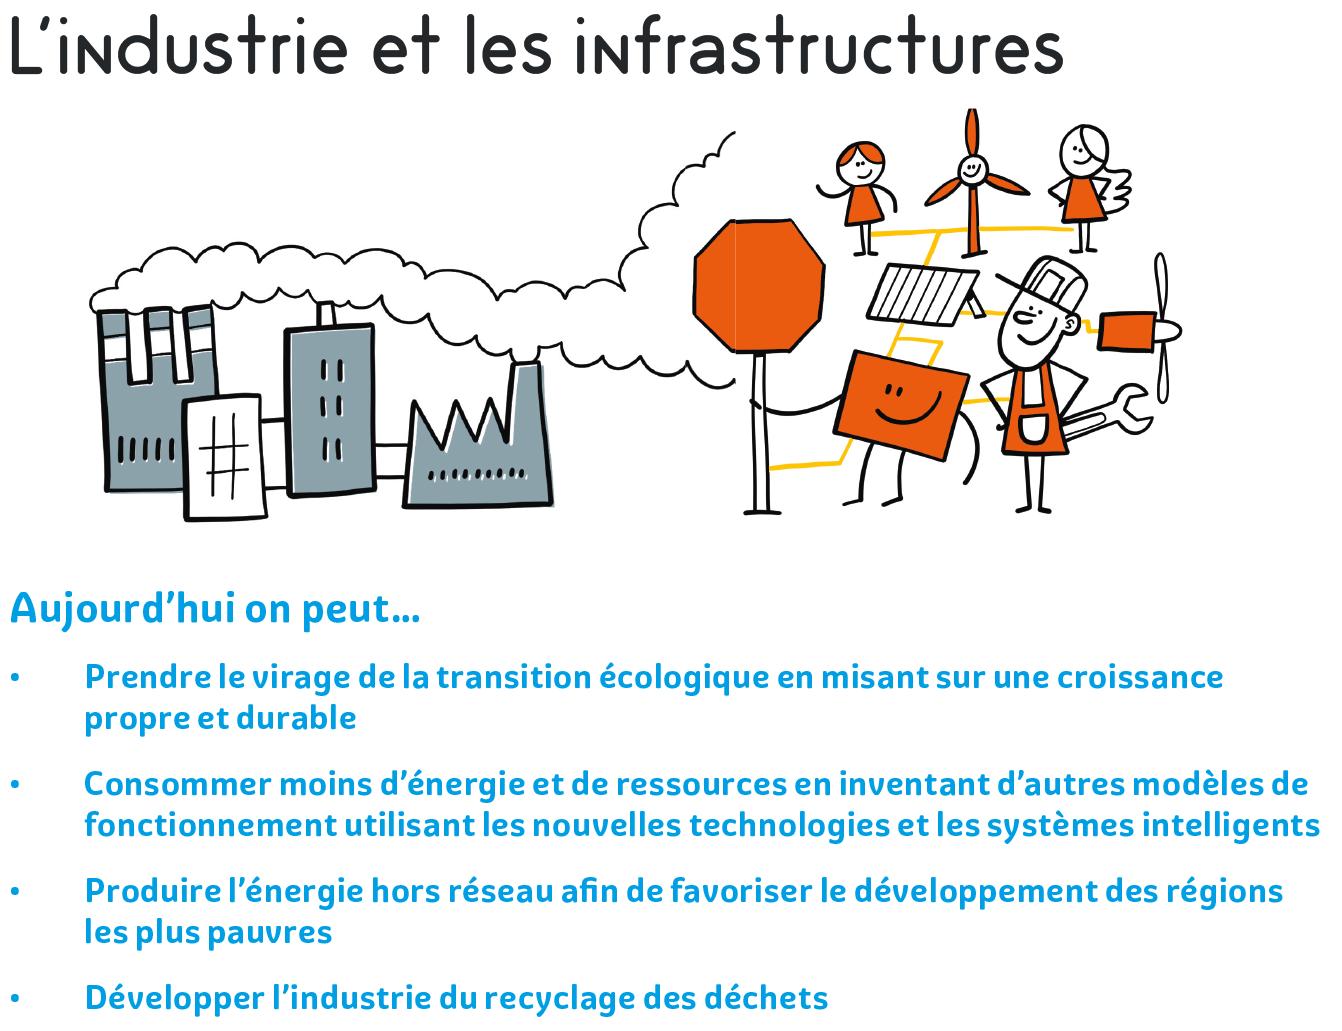 Industrie et infrastructure